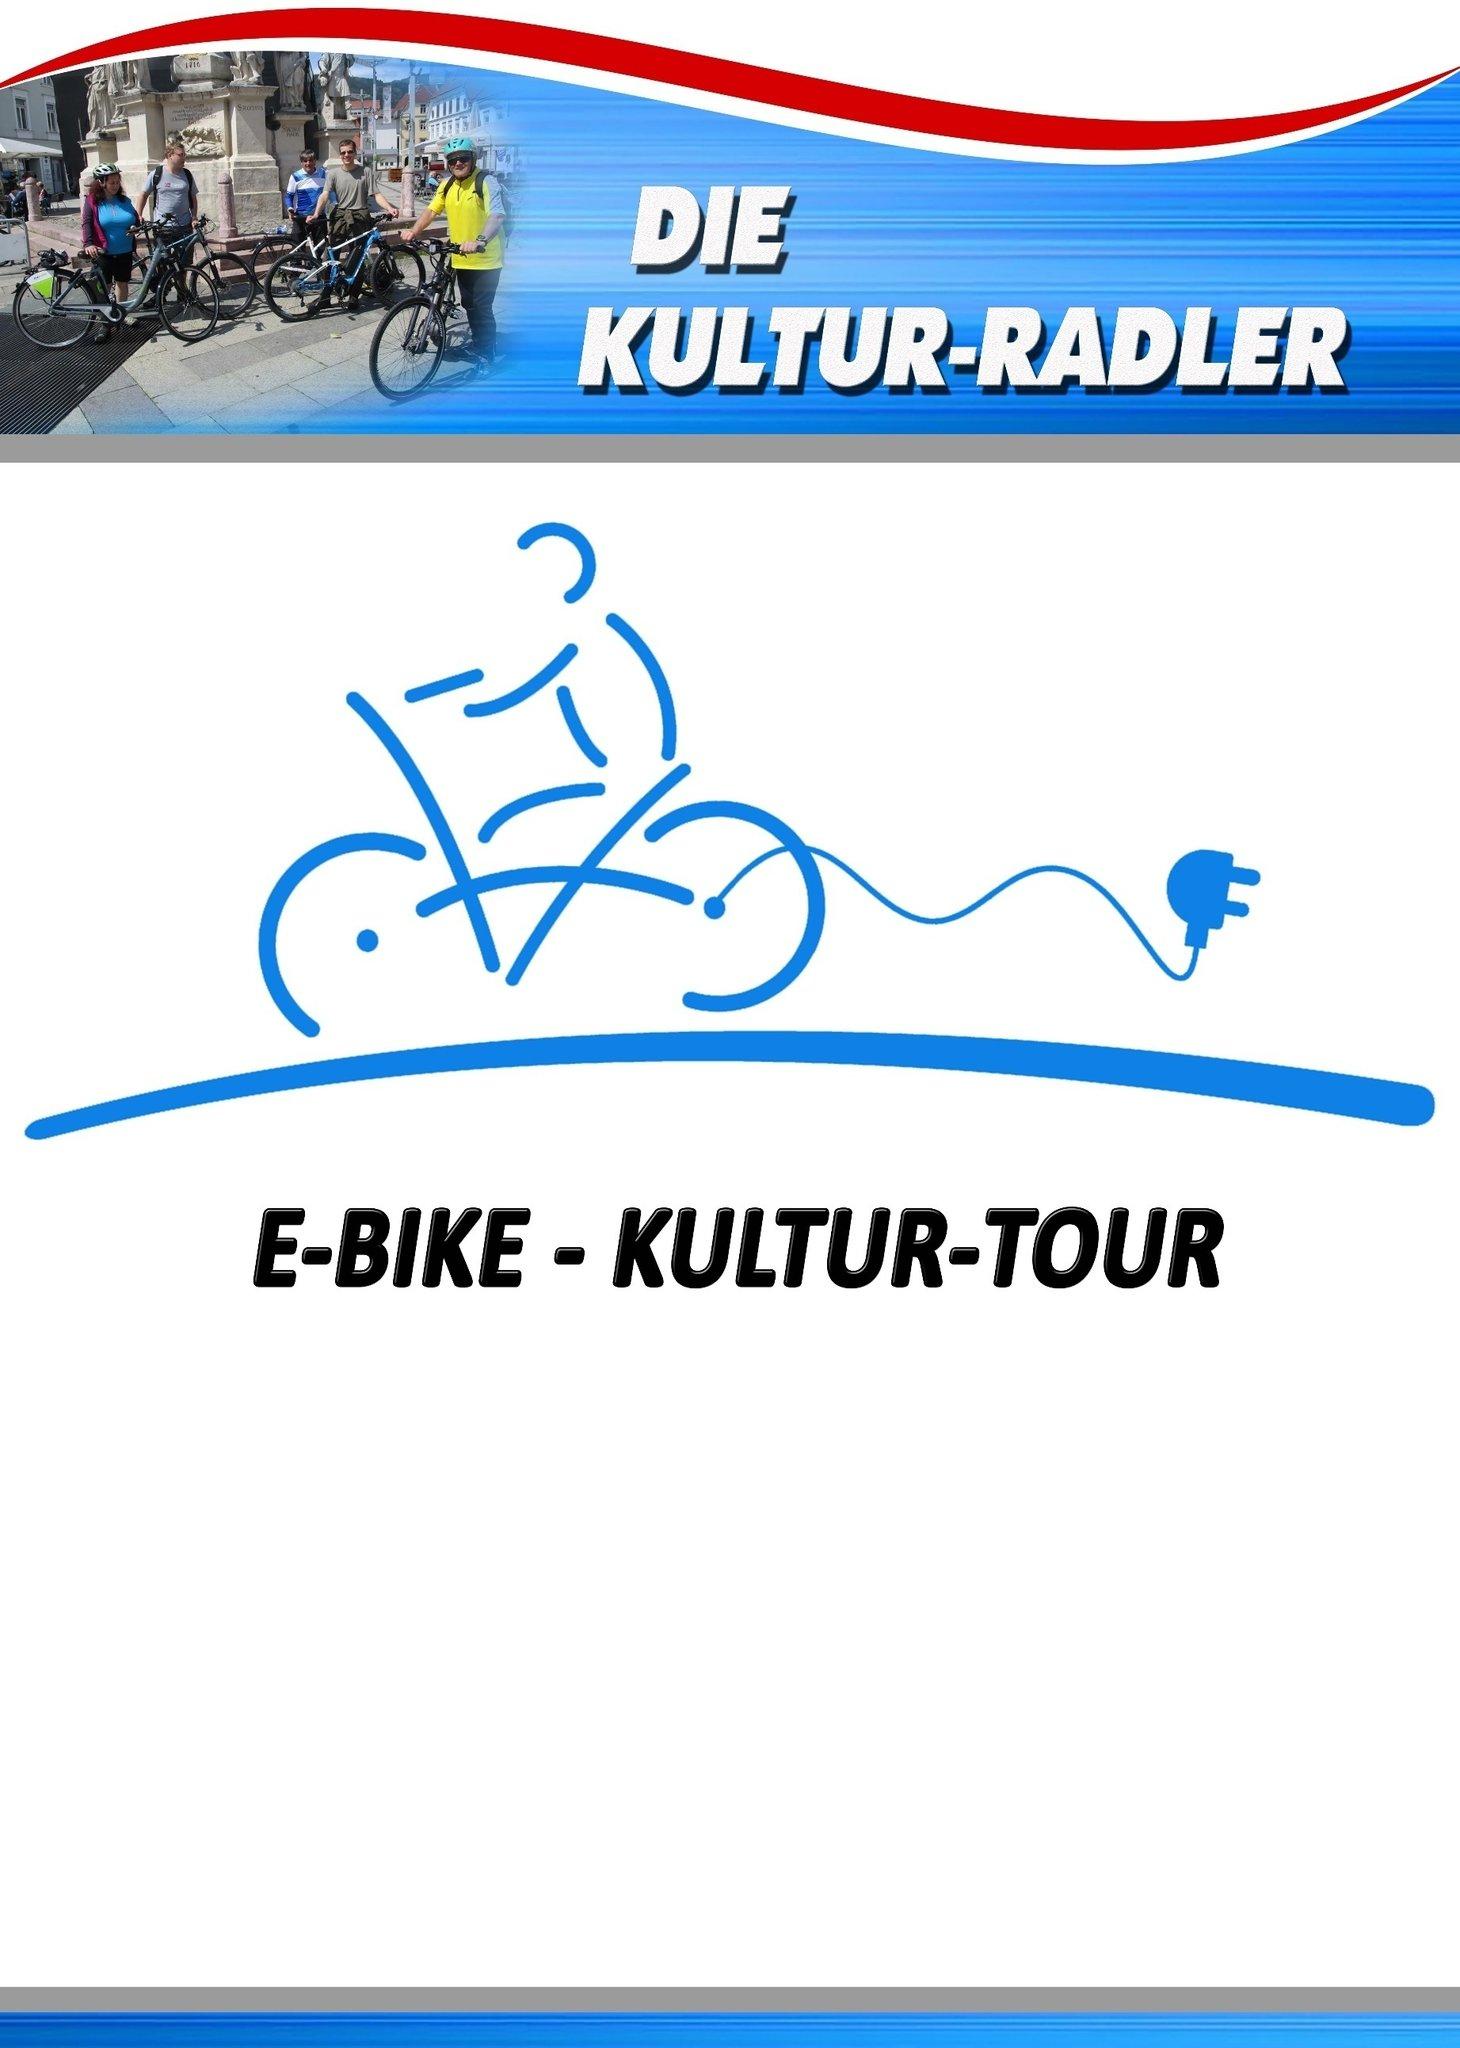 E-Bike Kulturtour à Musique Cycle 2